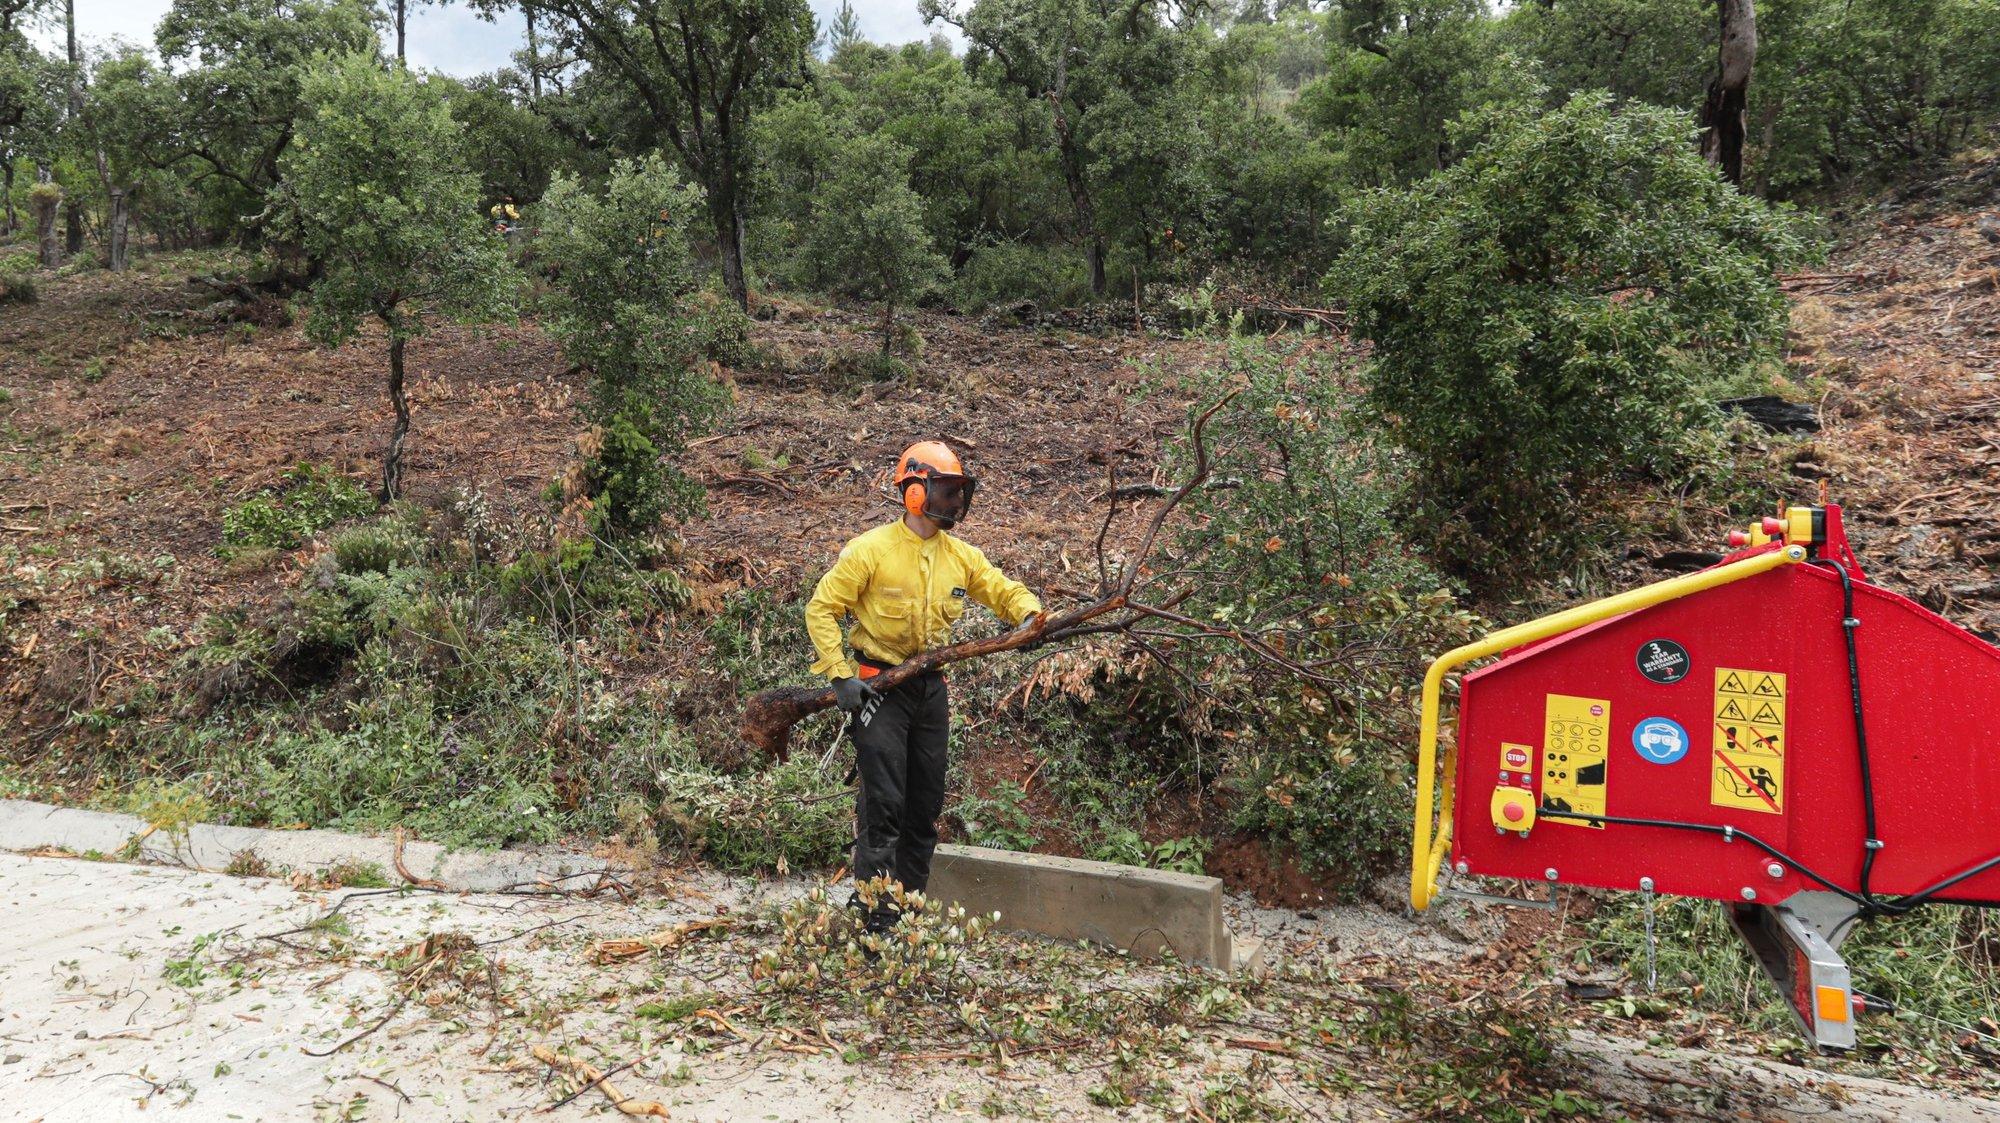 """Um elemento da equipa de sapadores florestais da Associação de Produtores Florestais da Serra do Caldeirão e da Equipa Municipal de Intervenção Florestal faz a limpeza da vegetação e do mato entre as árvores, assim como a """"desramação"""", retirando todos os troncos e """"evitando que as copas se toquem"""" junto às habitações, em Loulé, 04 de junho de 2020. A poucos dias do início do verão ainda há equipas de sapadores na serra algarvia em ações de limpeza para garantir a criação de faixas de segurança e travar a propagação de incêndios, protegendo a floresta e as populações. (ACOMPANHA TEXTO DA LUSA DO DIA 09 DE JUNHO DE 2020). LUÍS FORRA/LUSA"""